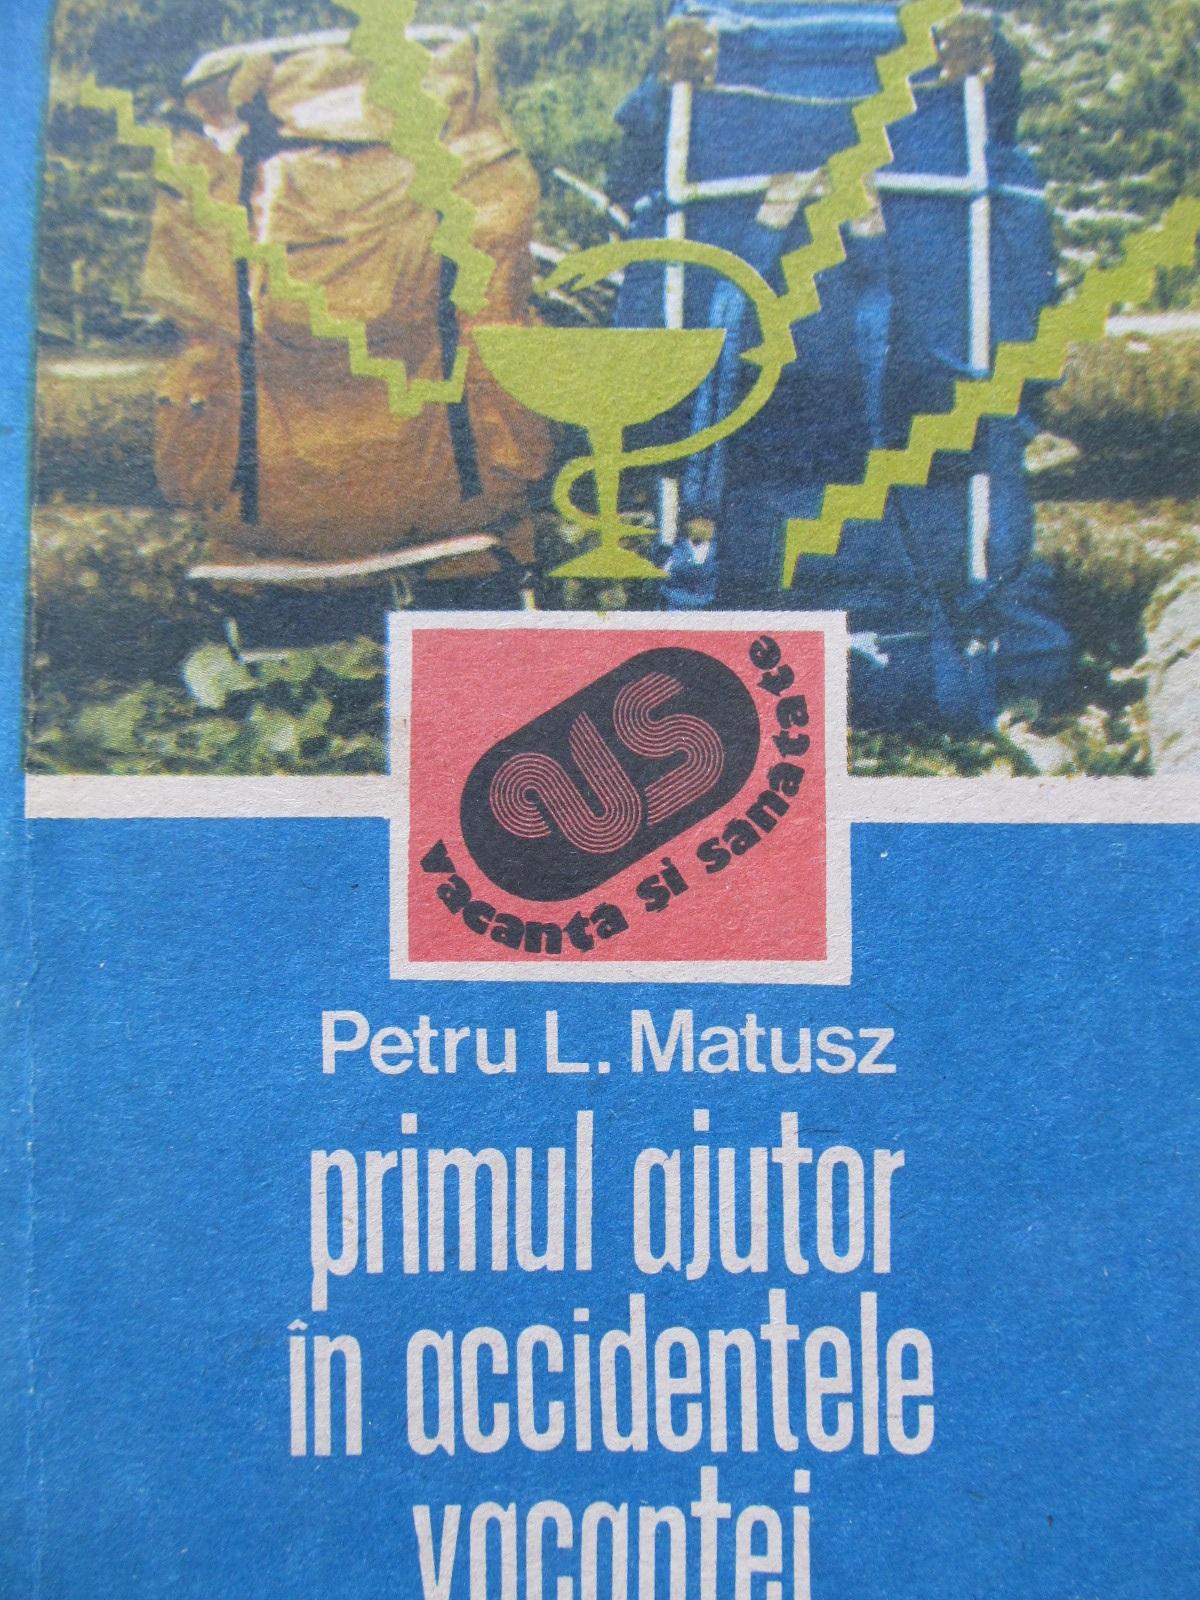 Primul ajutor in accidentele vacantei - Petru L. Matusz | Detalii carte